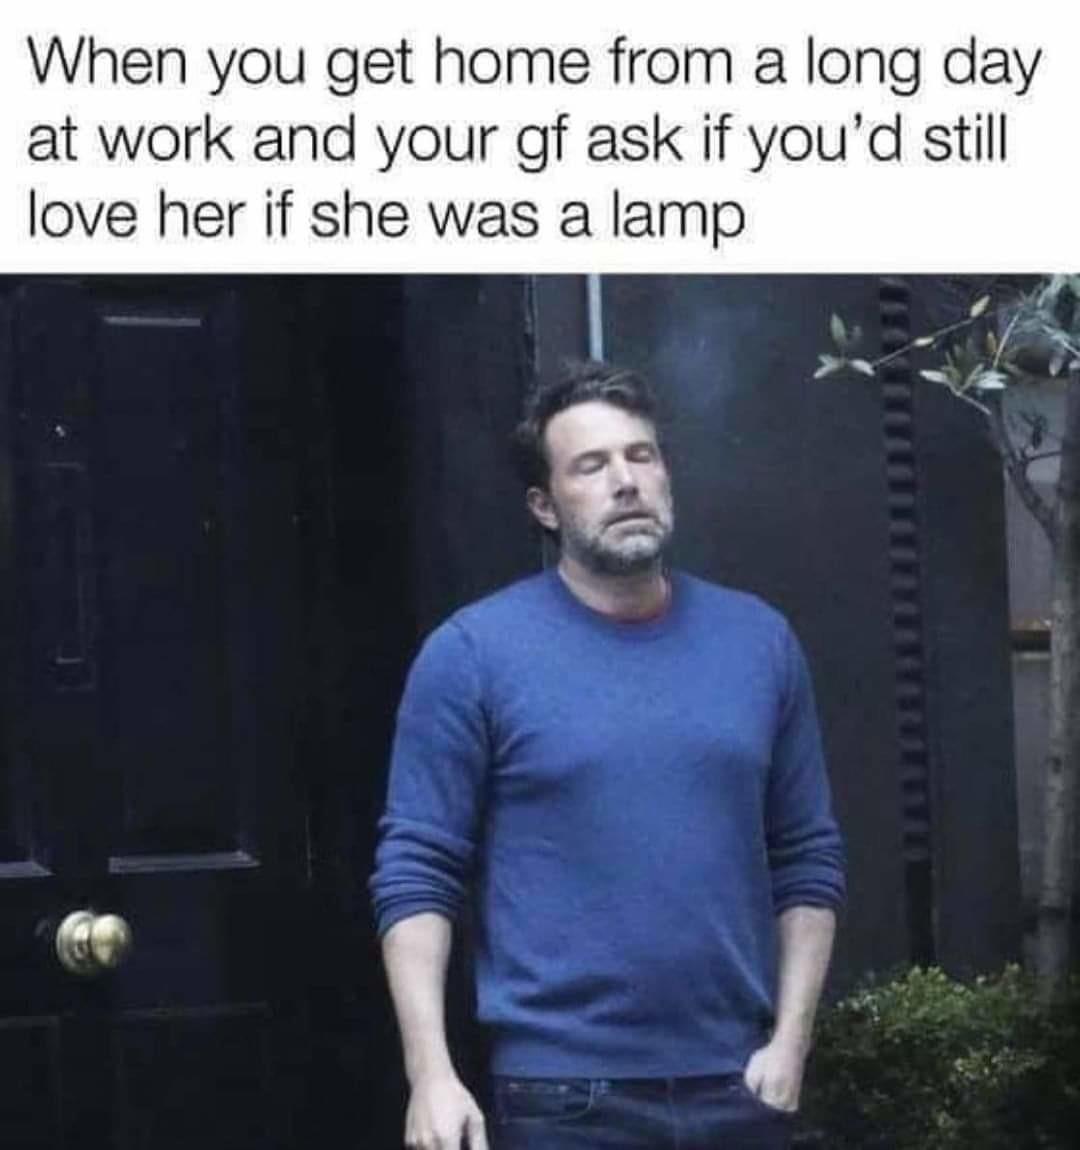 My gf thinks I'm a lamp - meme